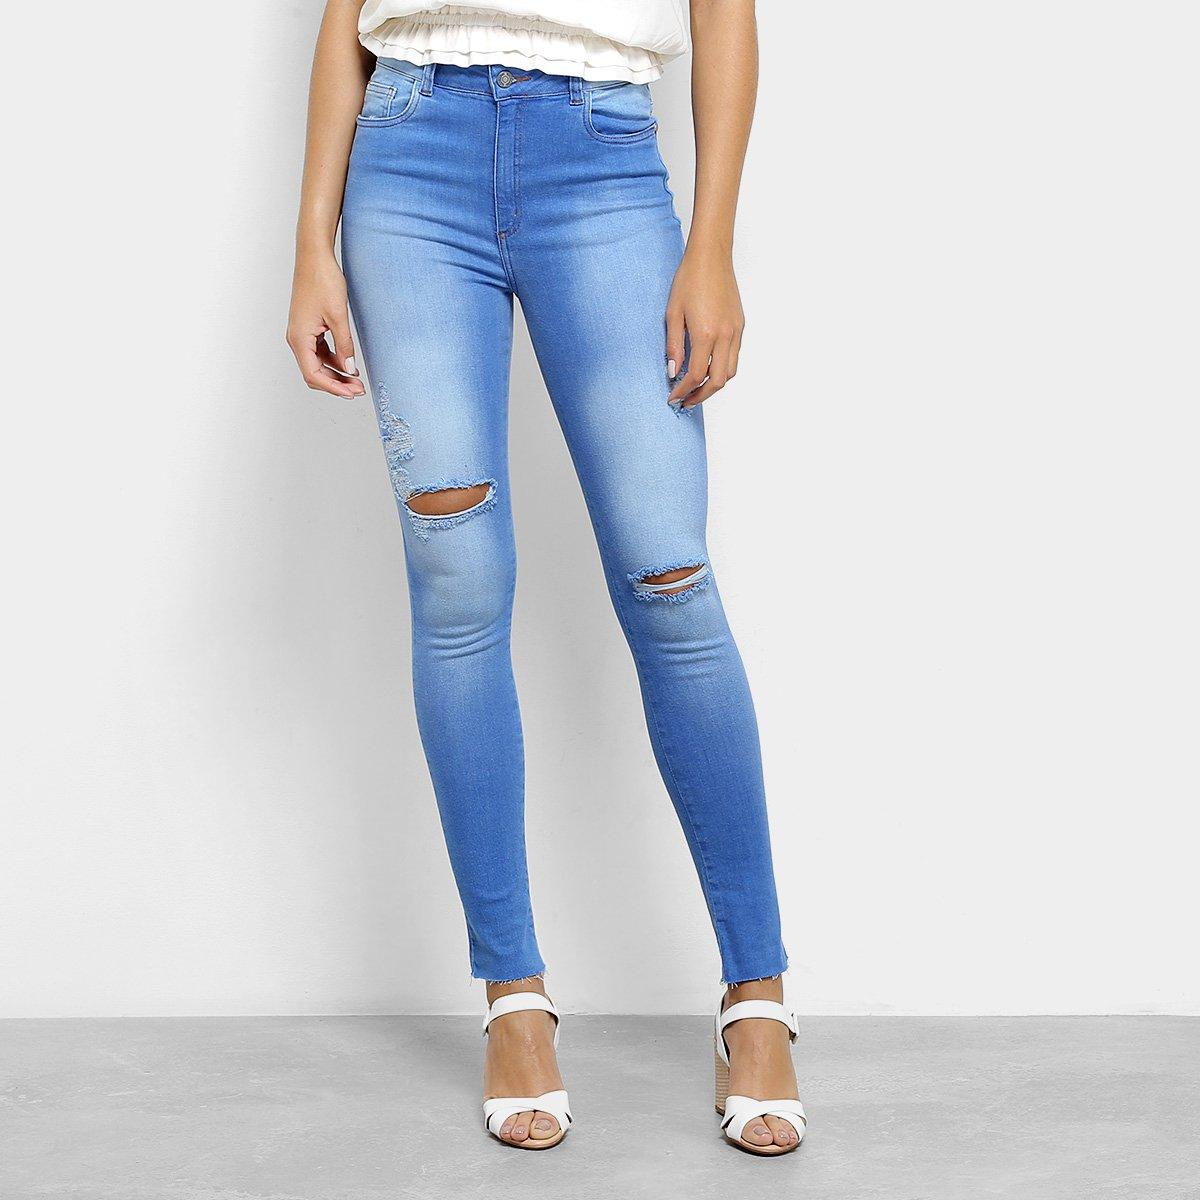 8fe7260d1 Calça Jeans Skinny Handbook Destroyed Feminina